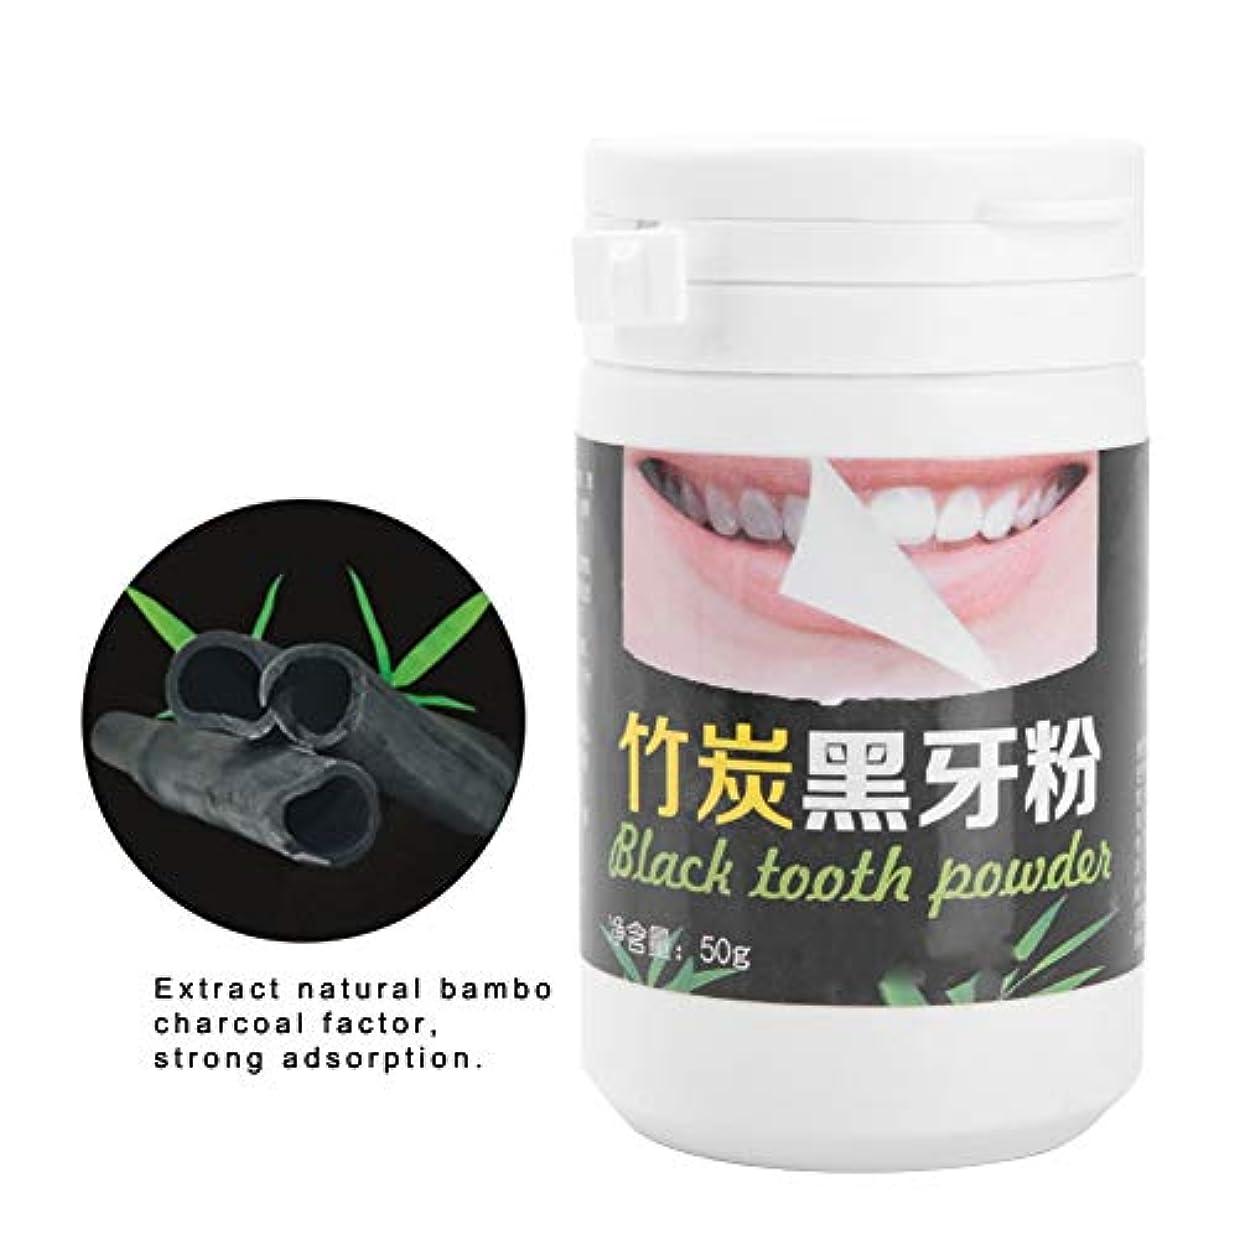 歯の手入れをする有効な汚れの除去剤 - 汚れの除去剤の粉を白くする口腔歯の心配の自然な活動化させた木炭粉